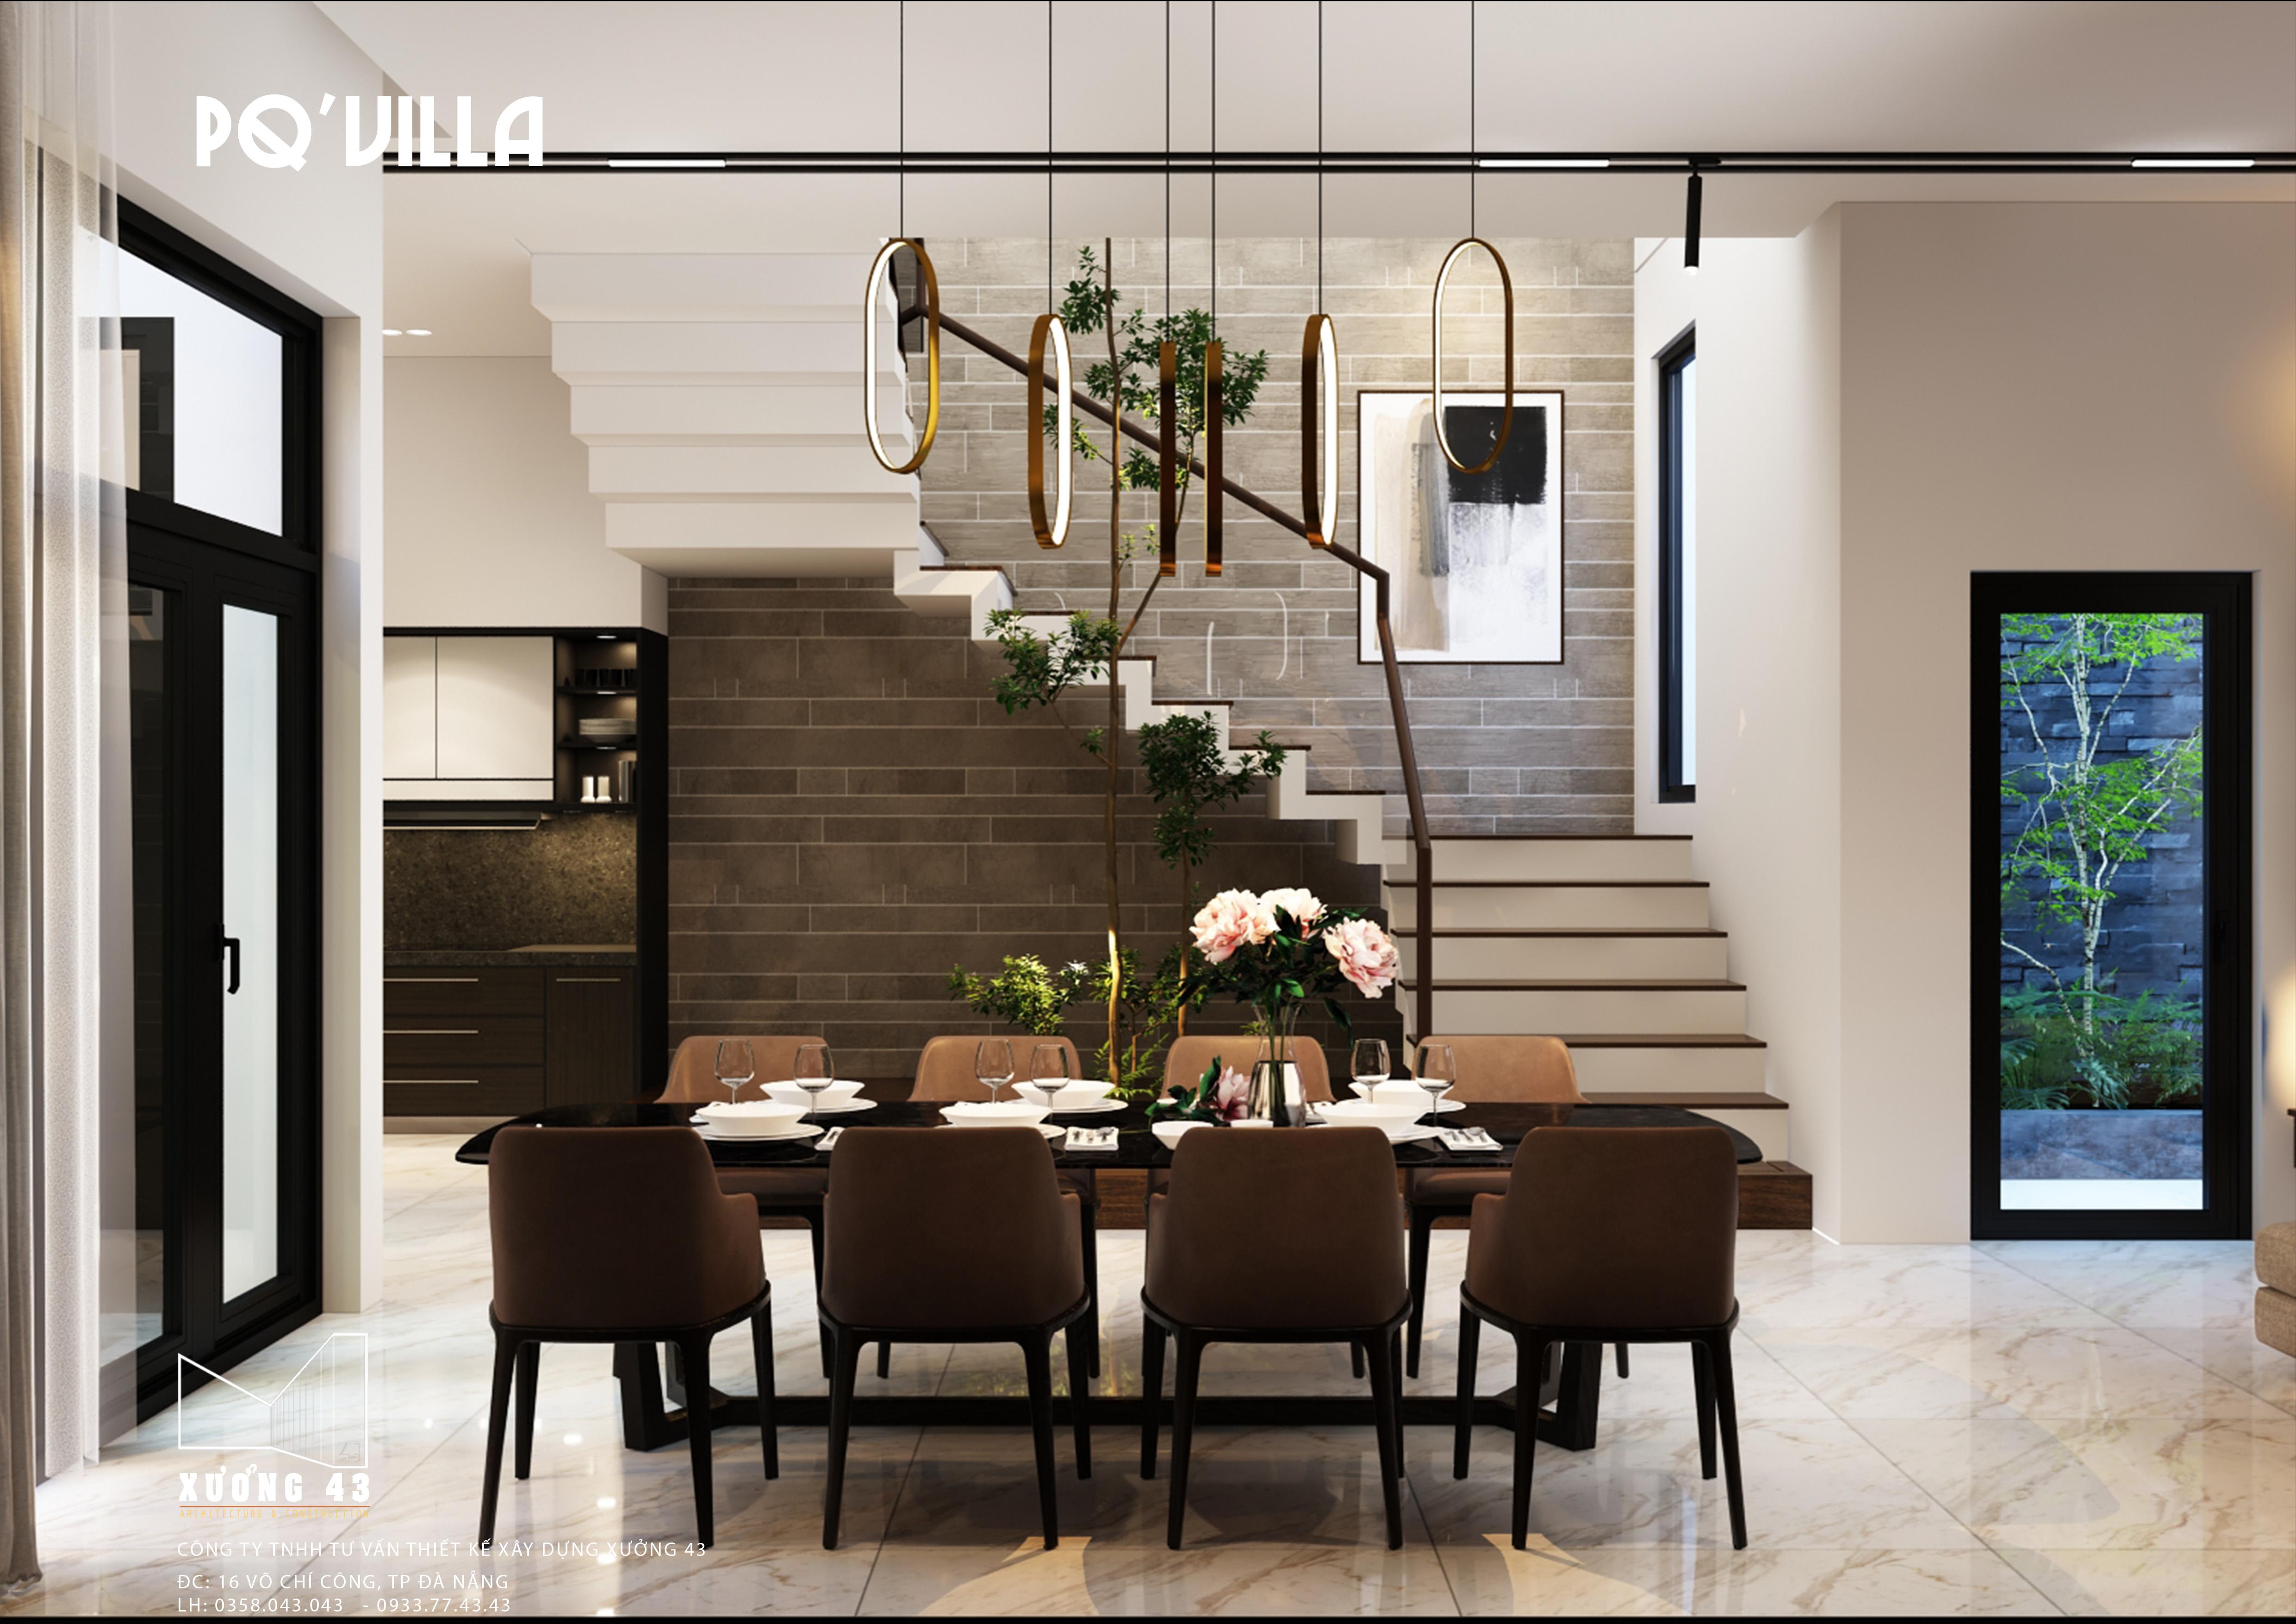 thiết kế Nhà tại Đà Nẵng PQ Villa 7 1571286150